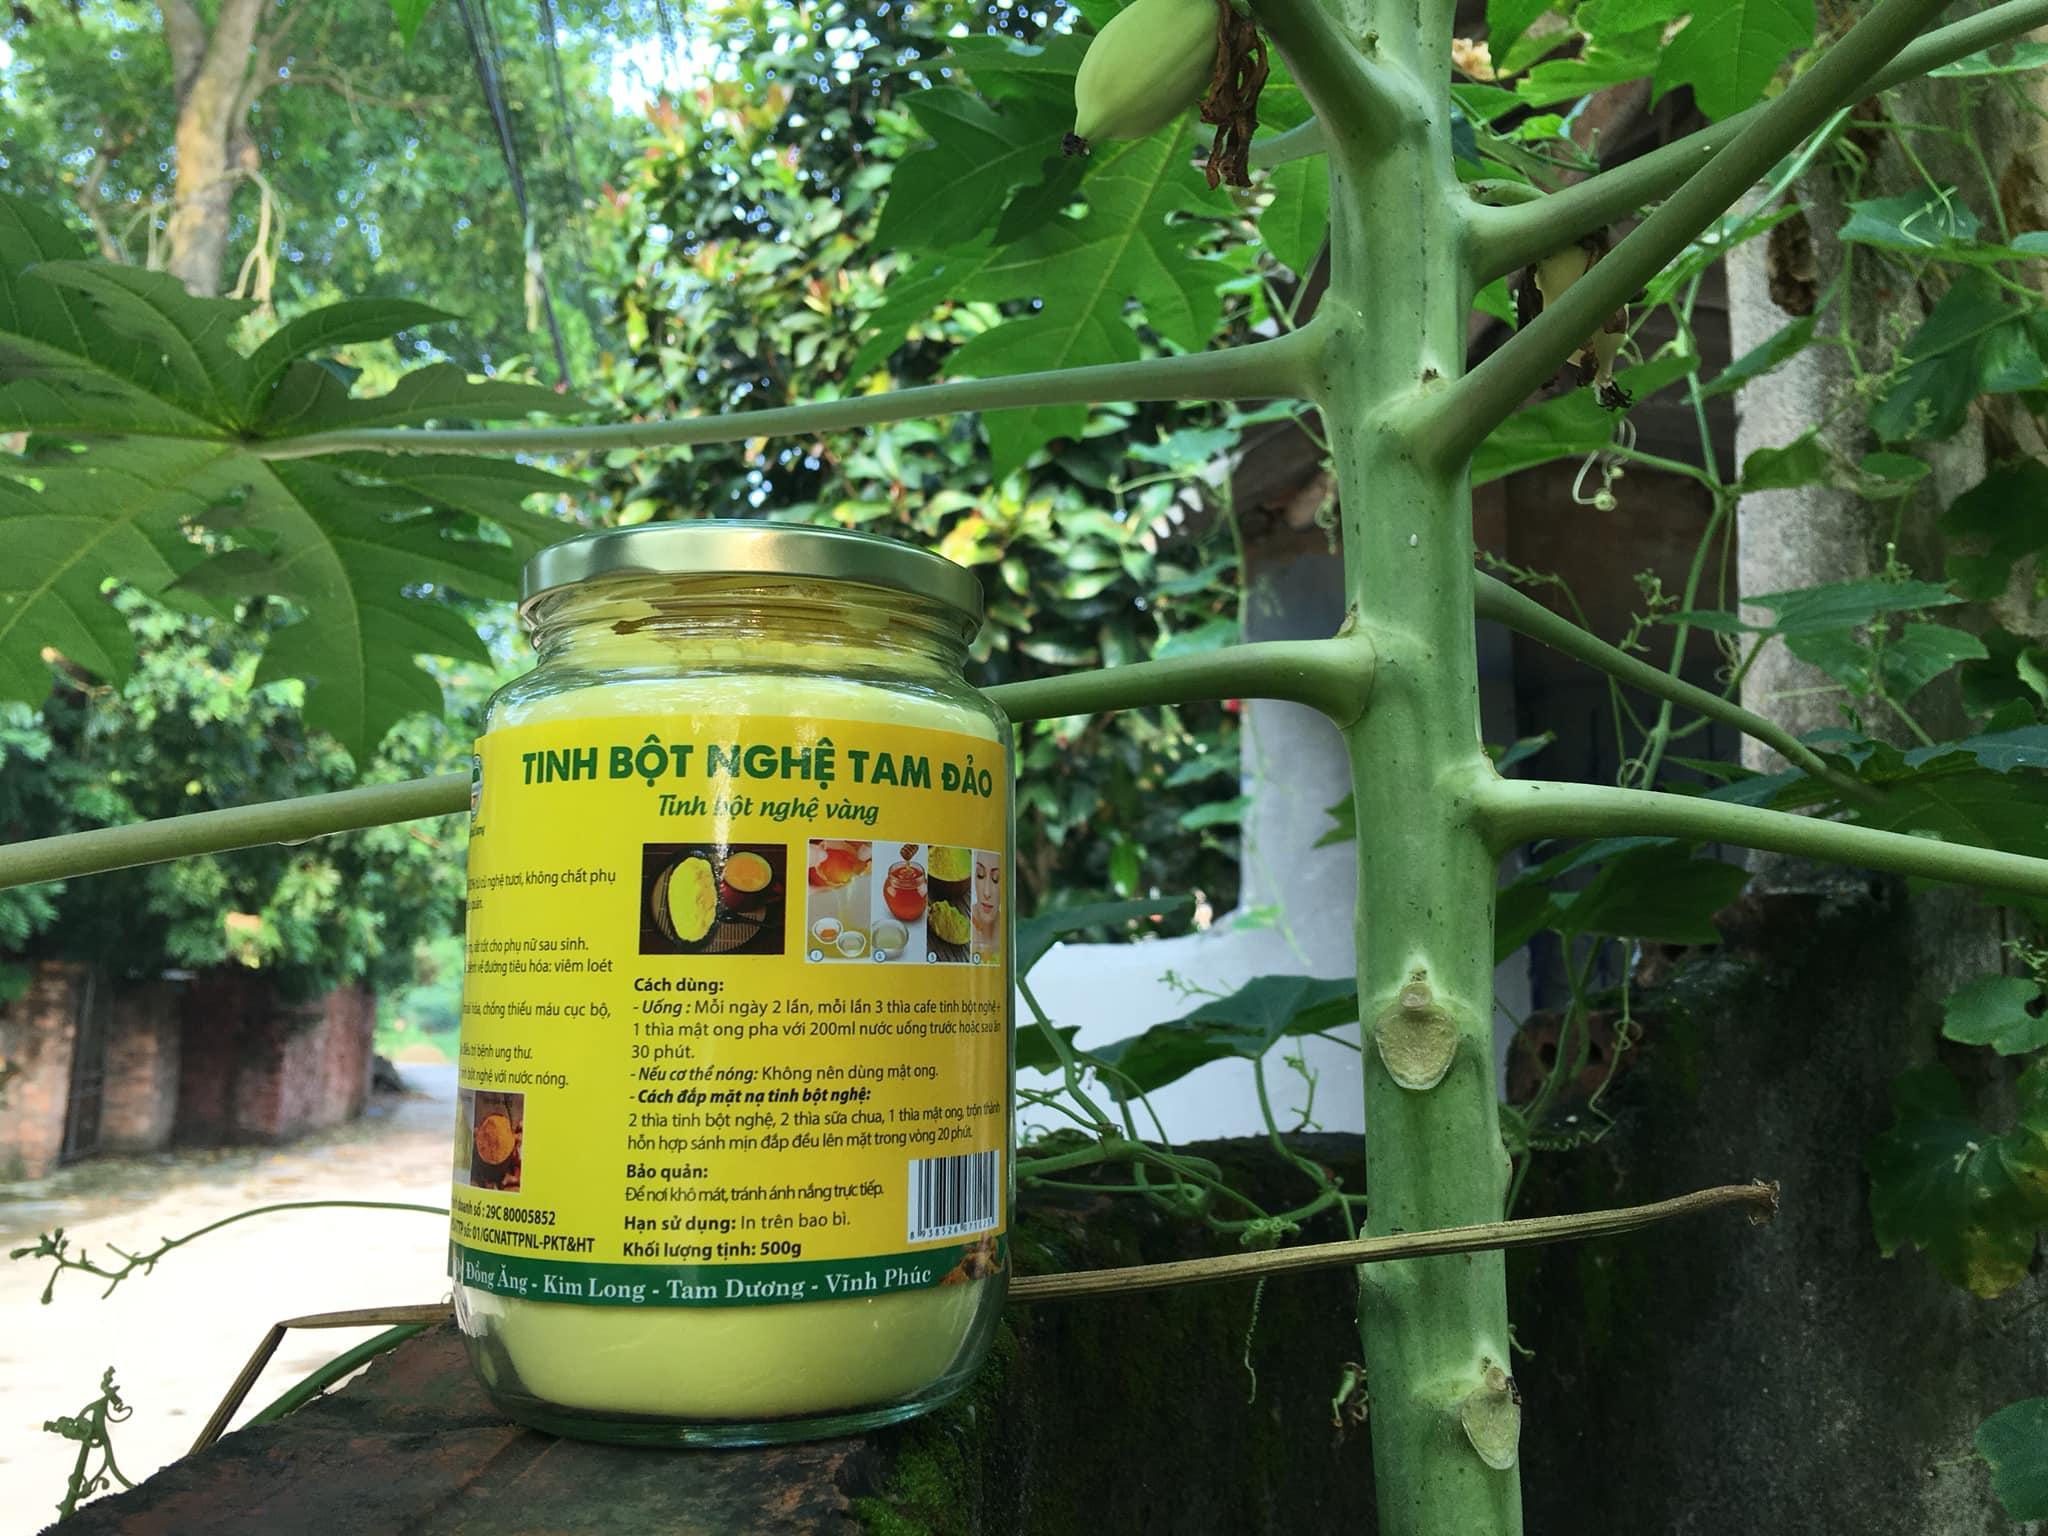 Mua bán tinh bột nghệ làm đẹp tại Quảng Bình 2